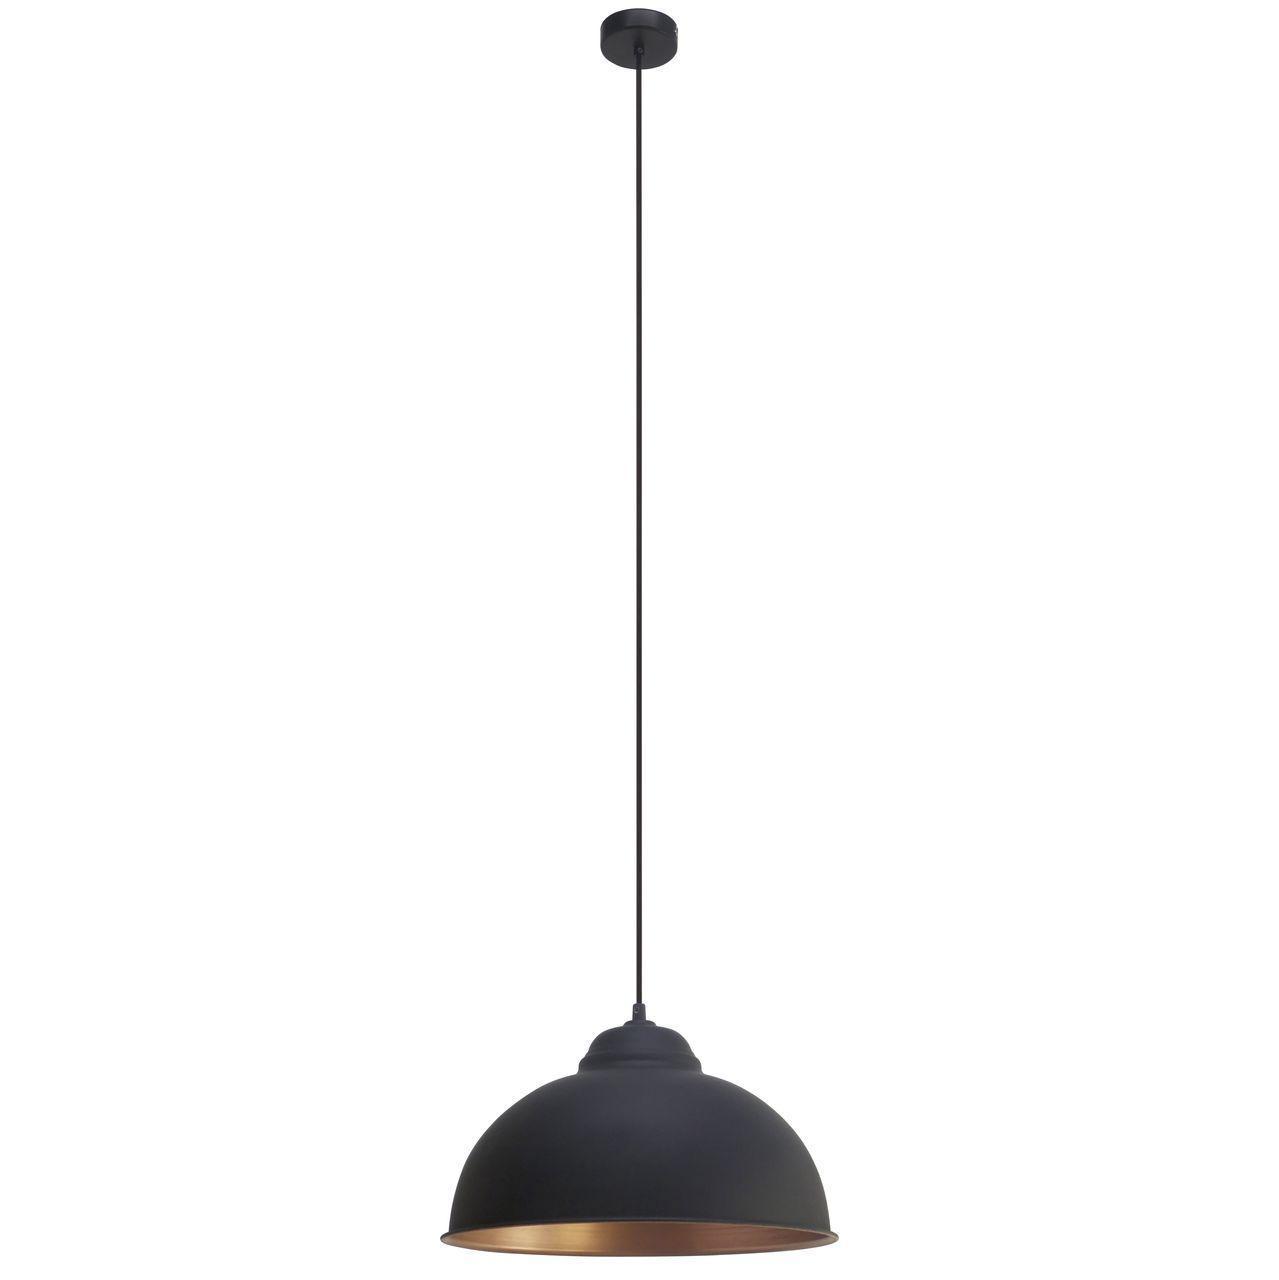 Подвесной светильник Eglo Vintage 49247 подвесной светильник eglo vintage 49212